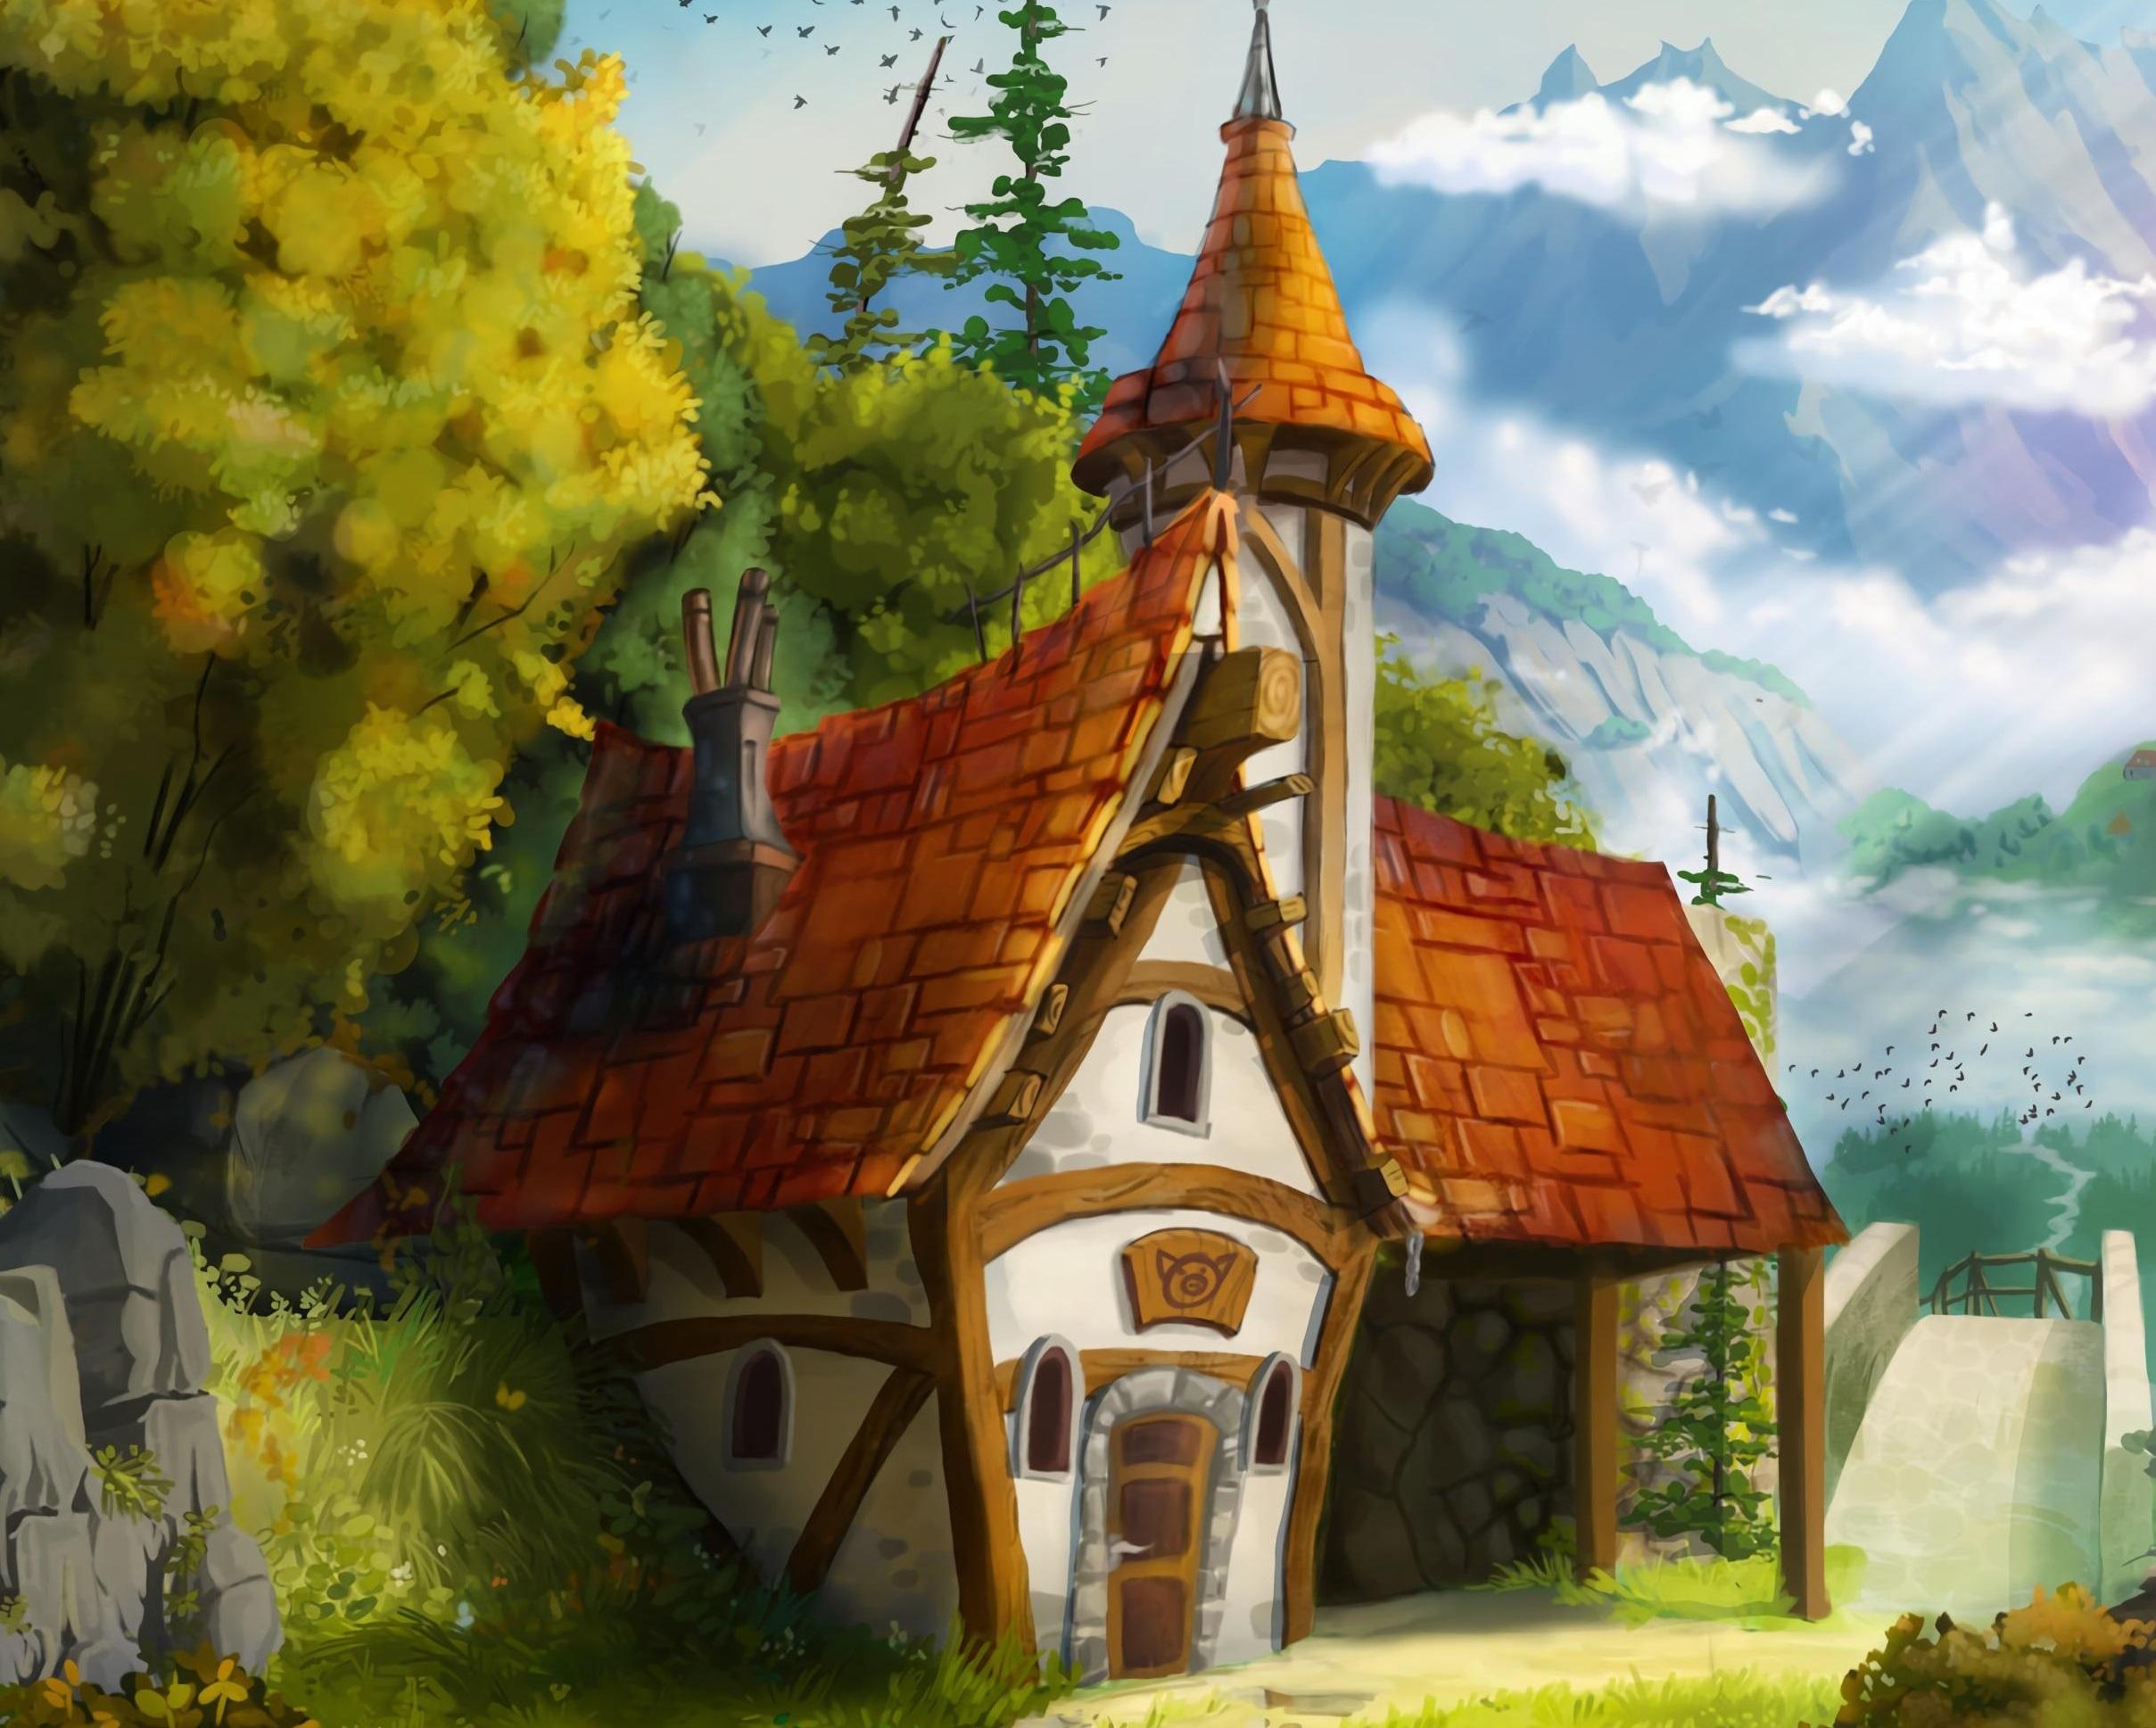 """Al via il concorso di disegno per bambini """"La casa dei miei sogni"""""""